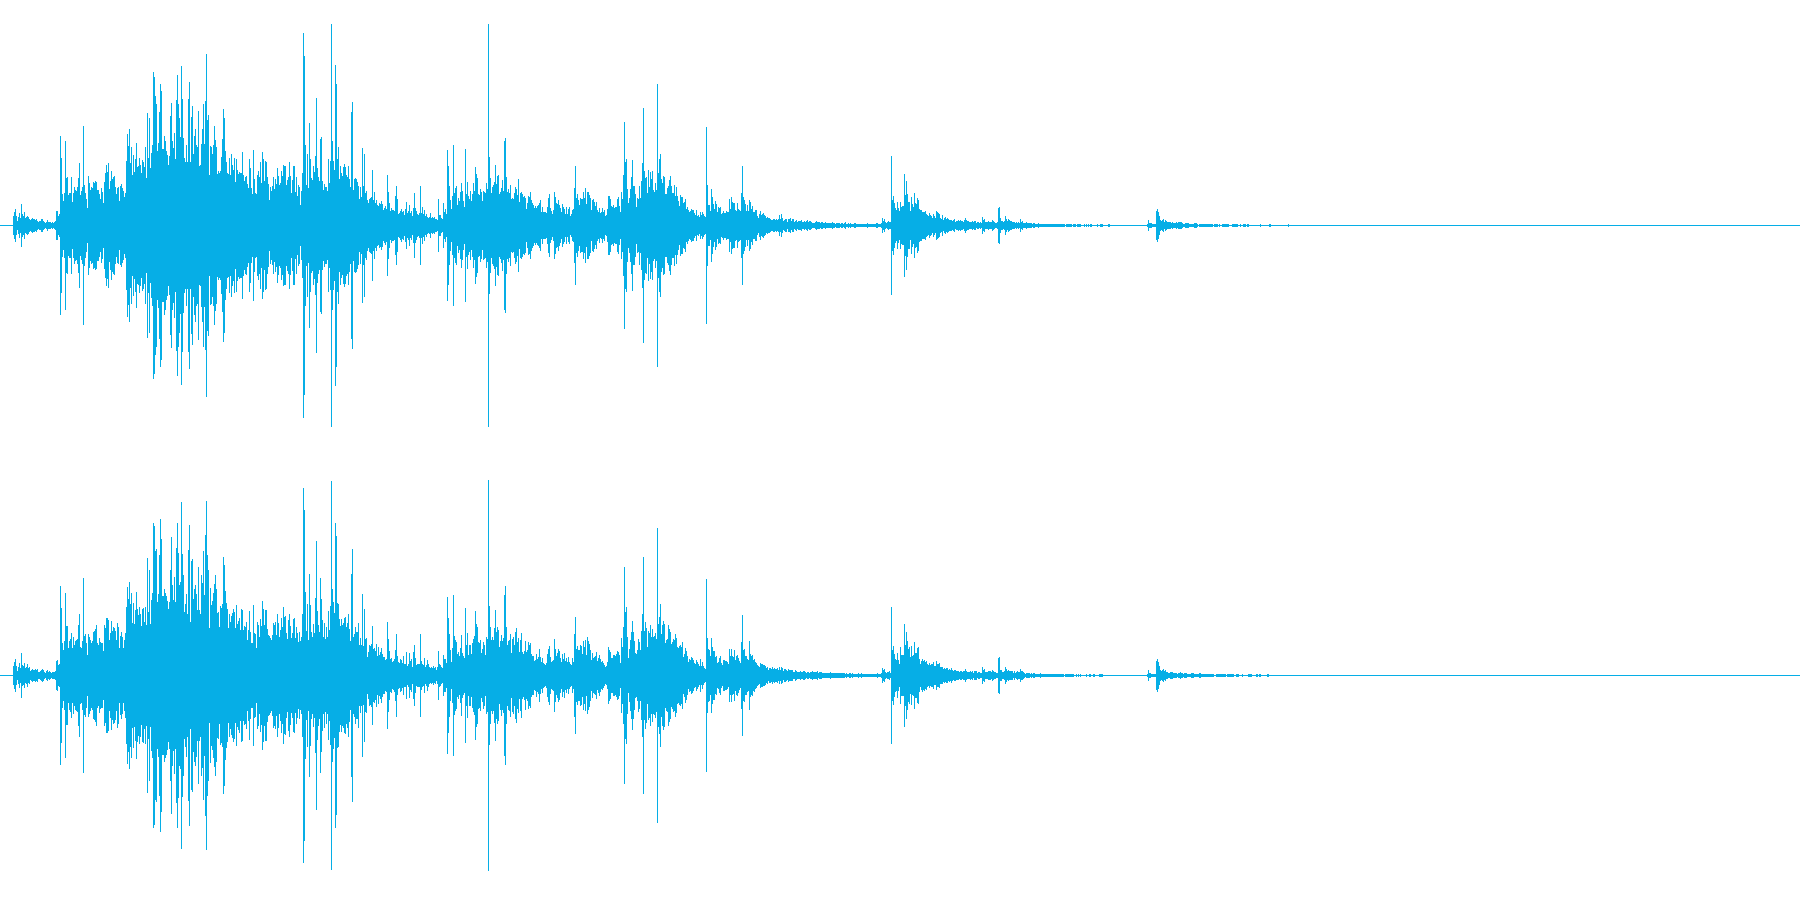 【生録音】お風呂 水の音 13の再生済みの波形